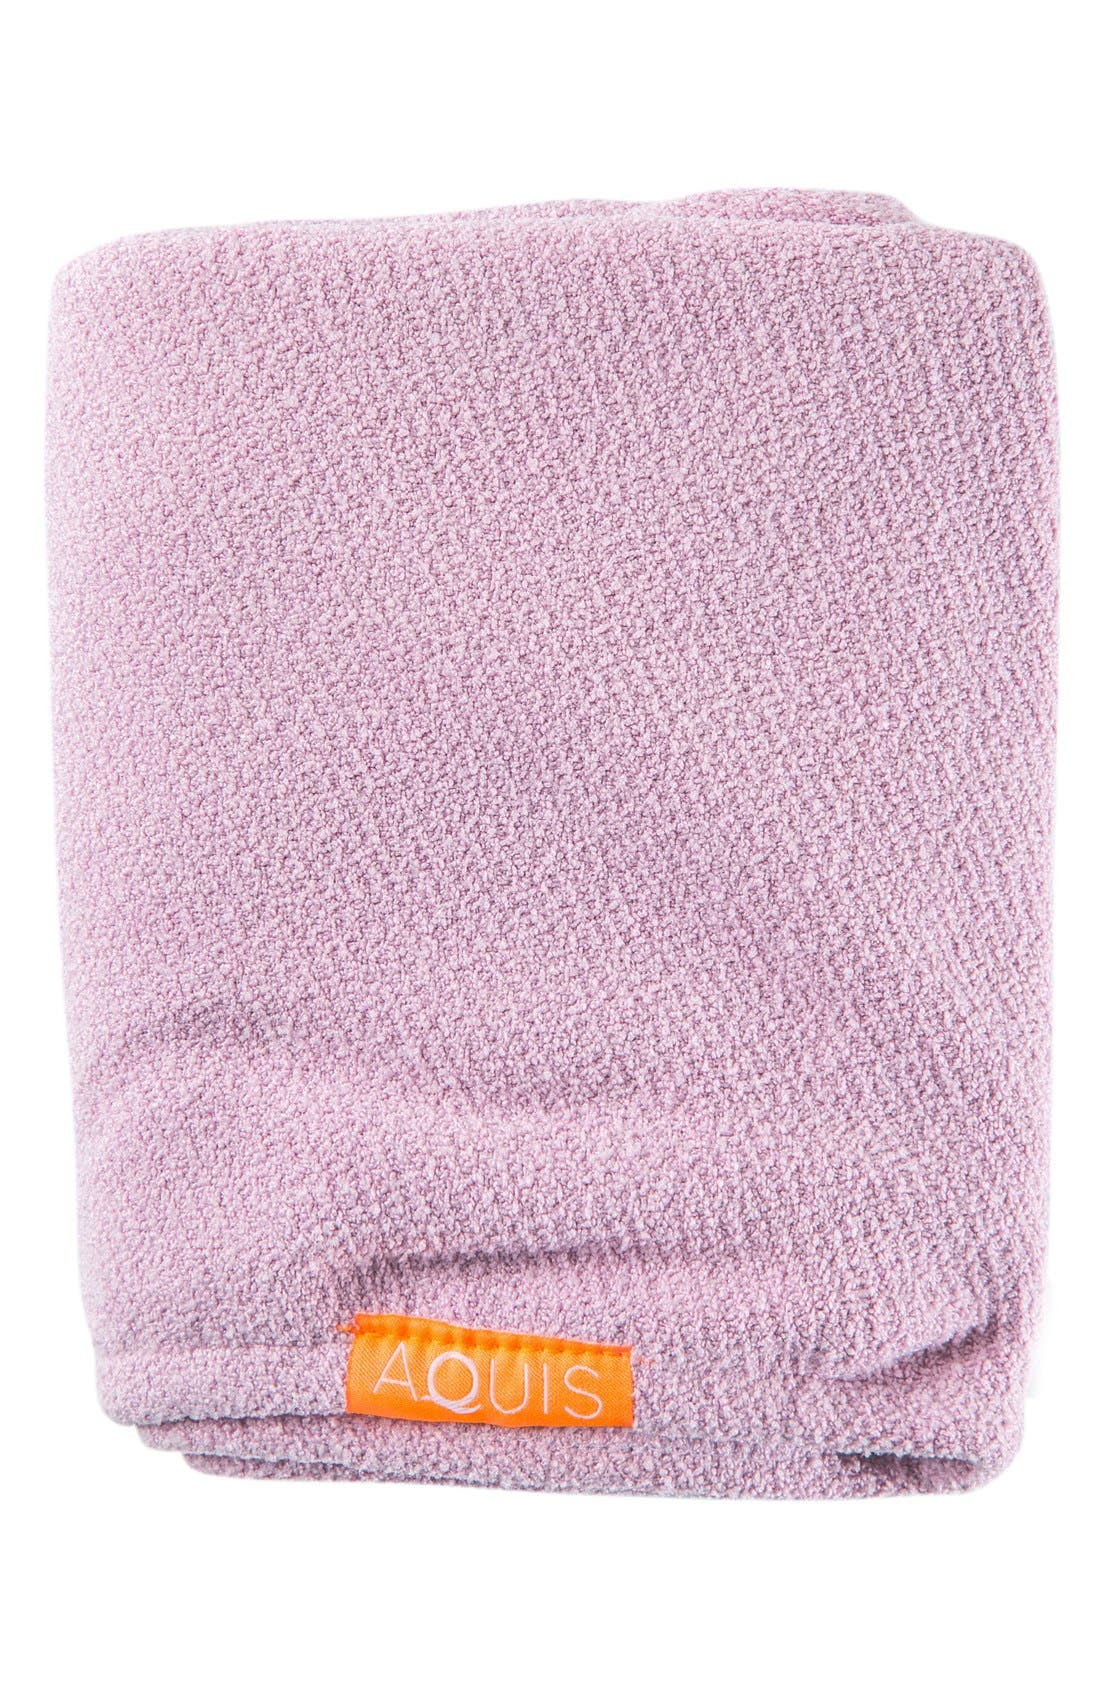 Lisse Luxe Desert Rose Hair Turban,                             Alternate thumbnail 6, color,                             DESERT ROSE